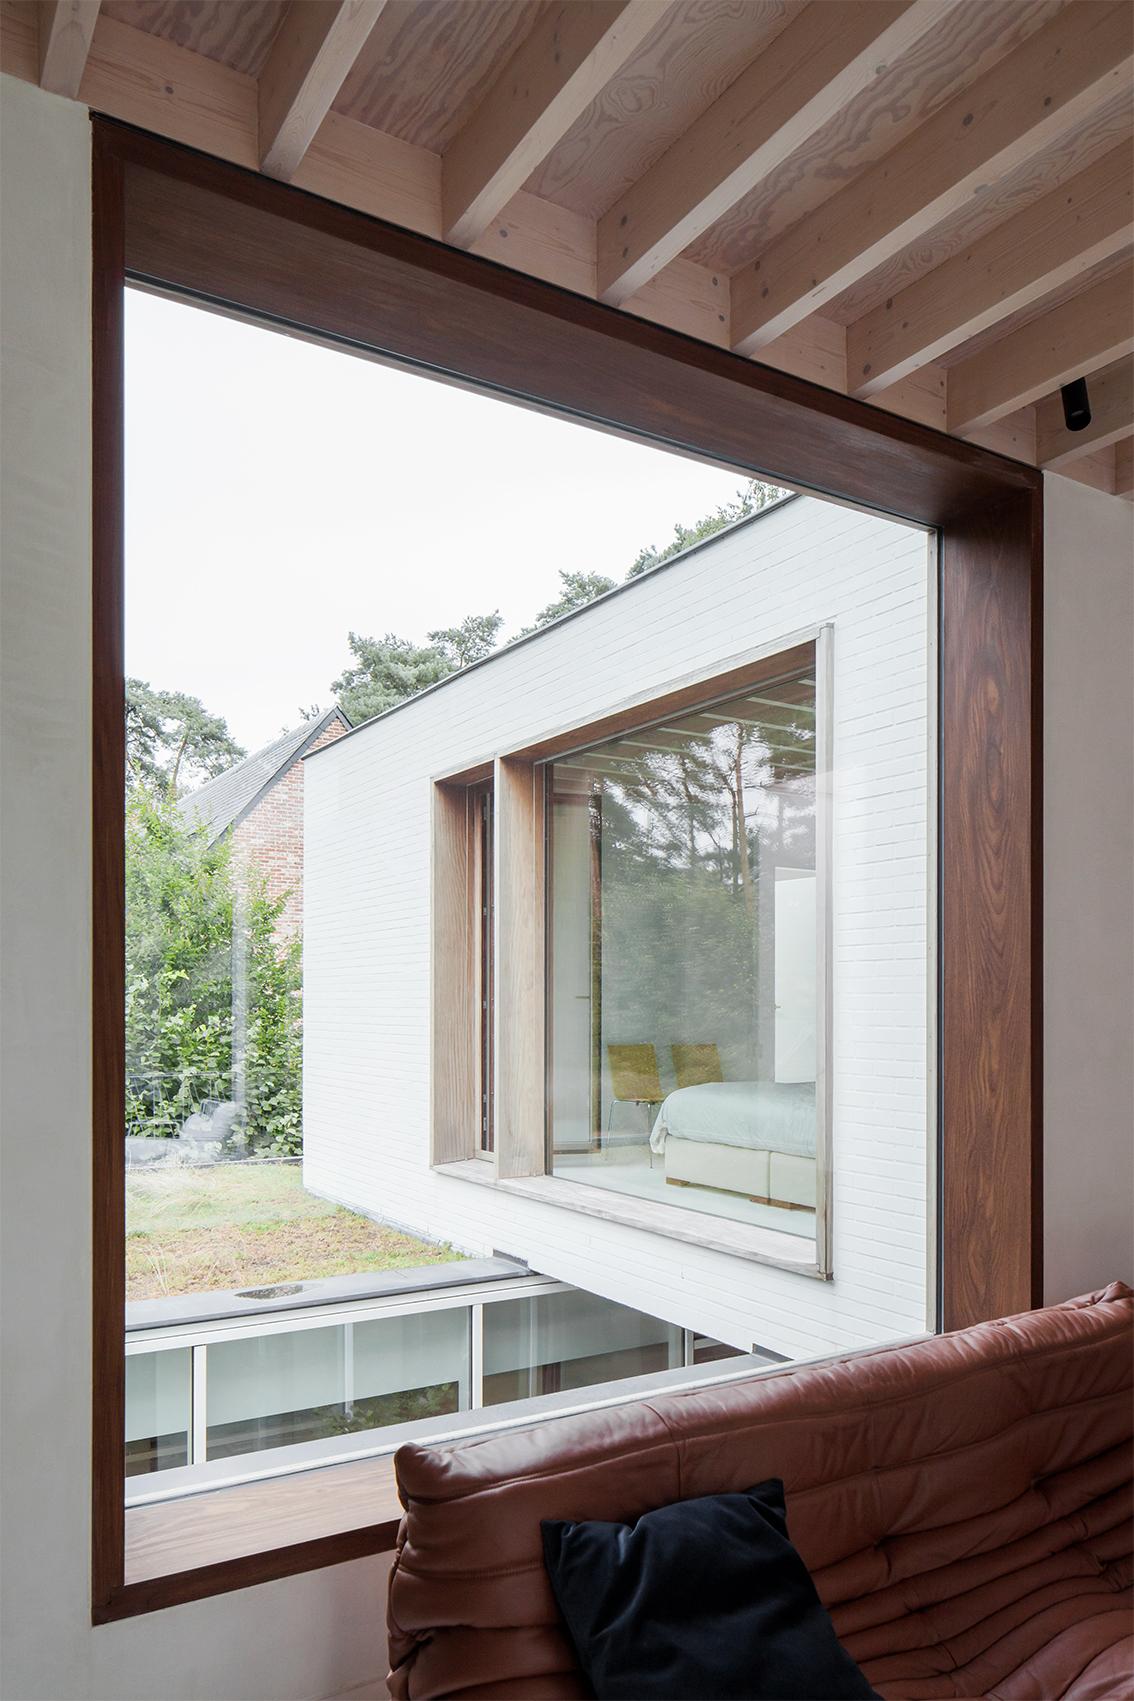 House-For-LD-31.jpg